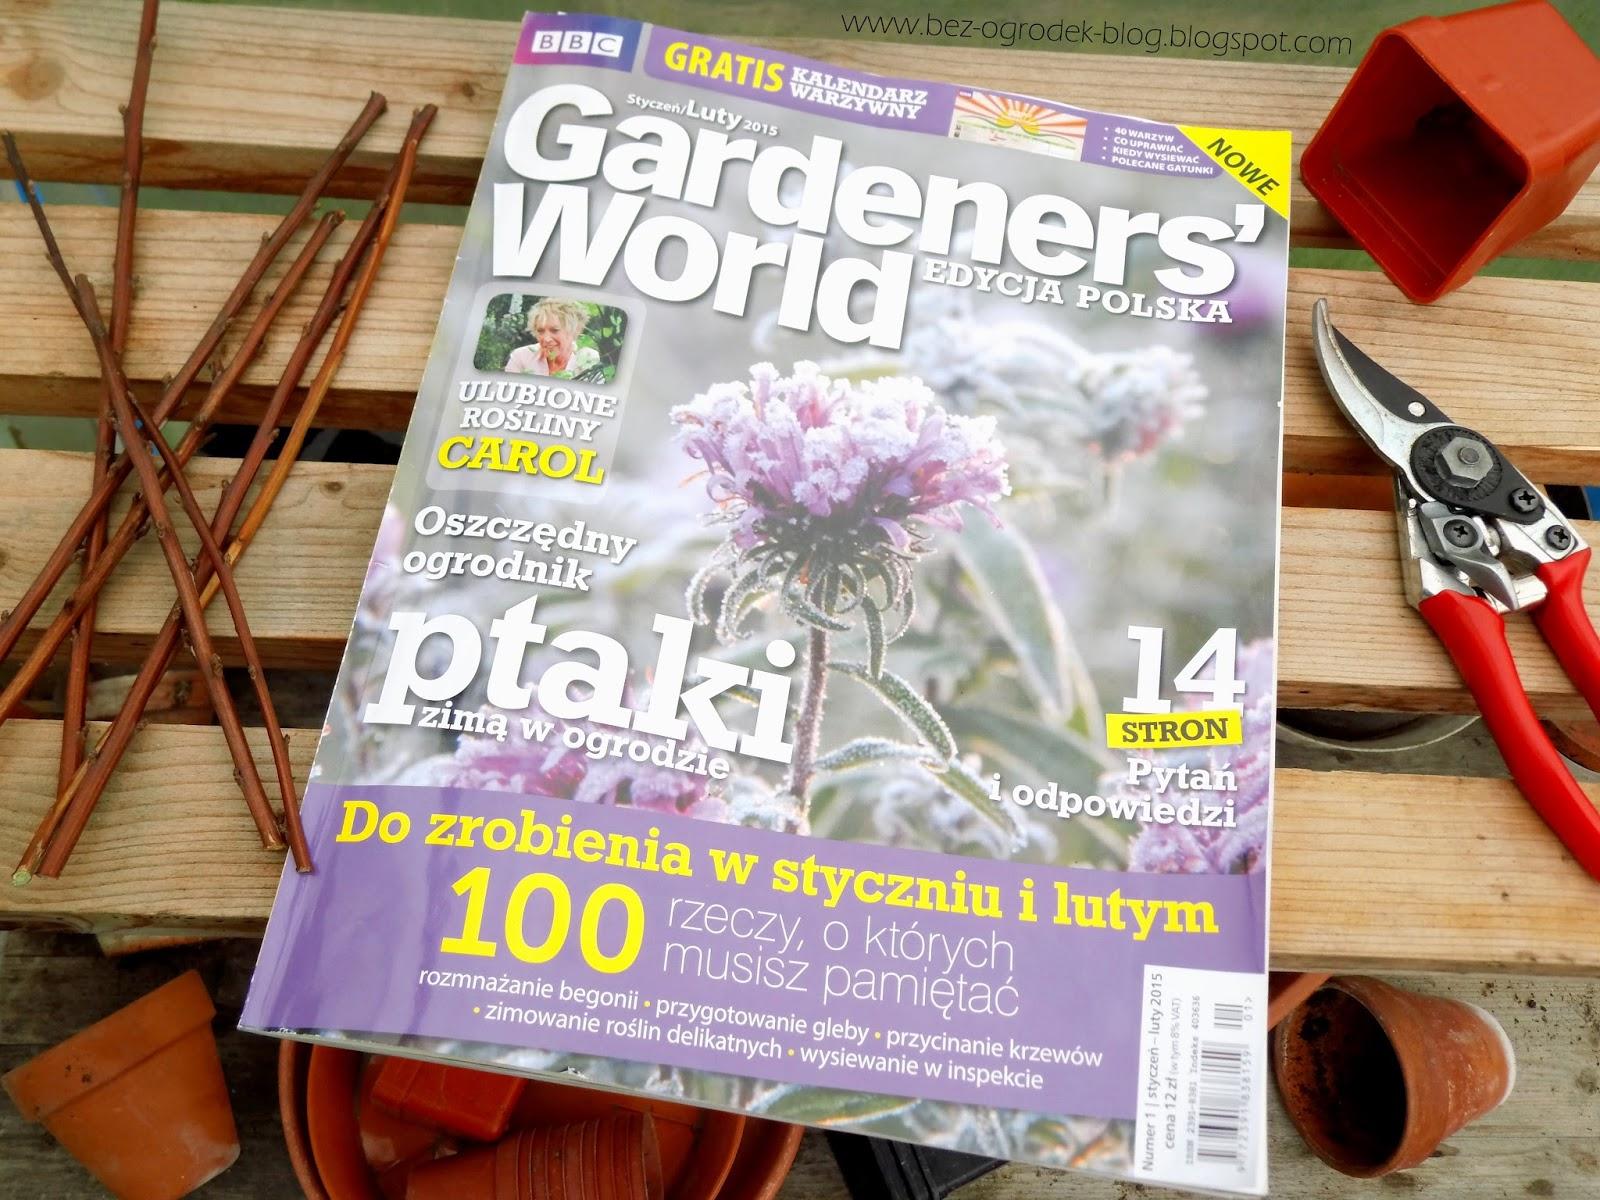 nowe pismo ogrodnicze, recenzja pierwszego numeru